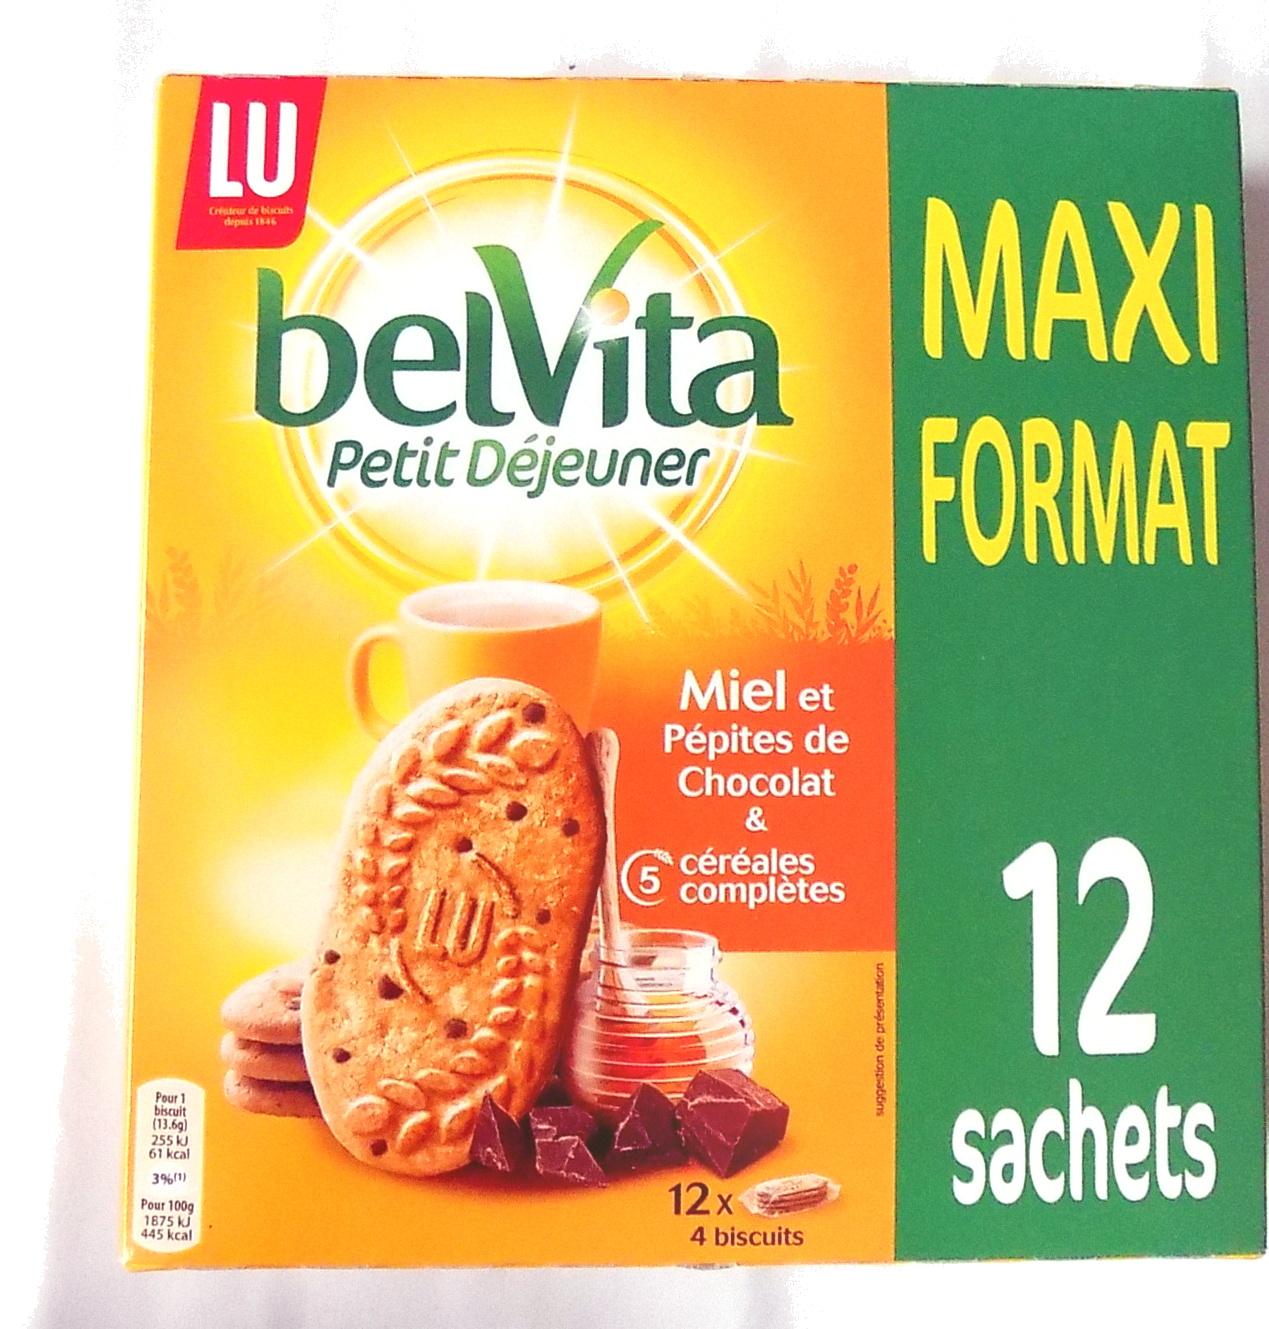 BelVita Petit Déjeuner Miel et Pépites de Chocolat & 5 céréales complètes - Product